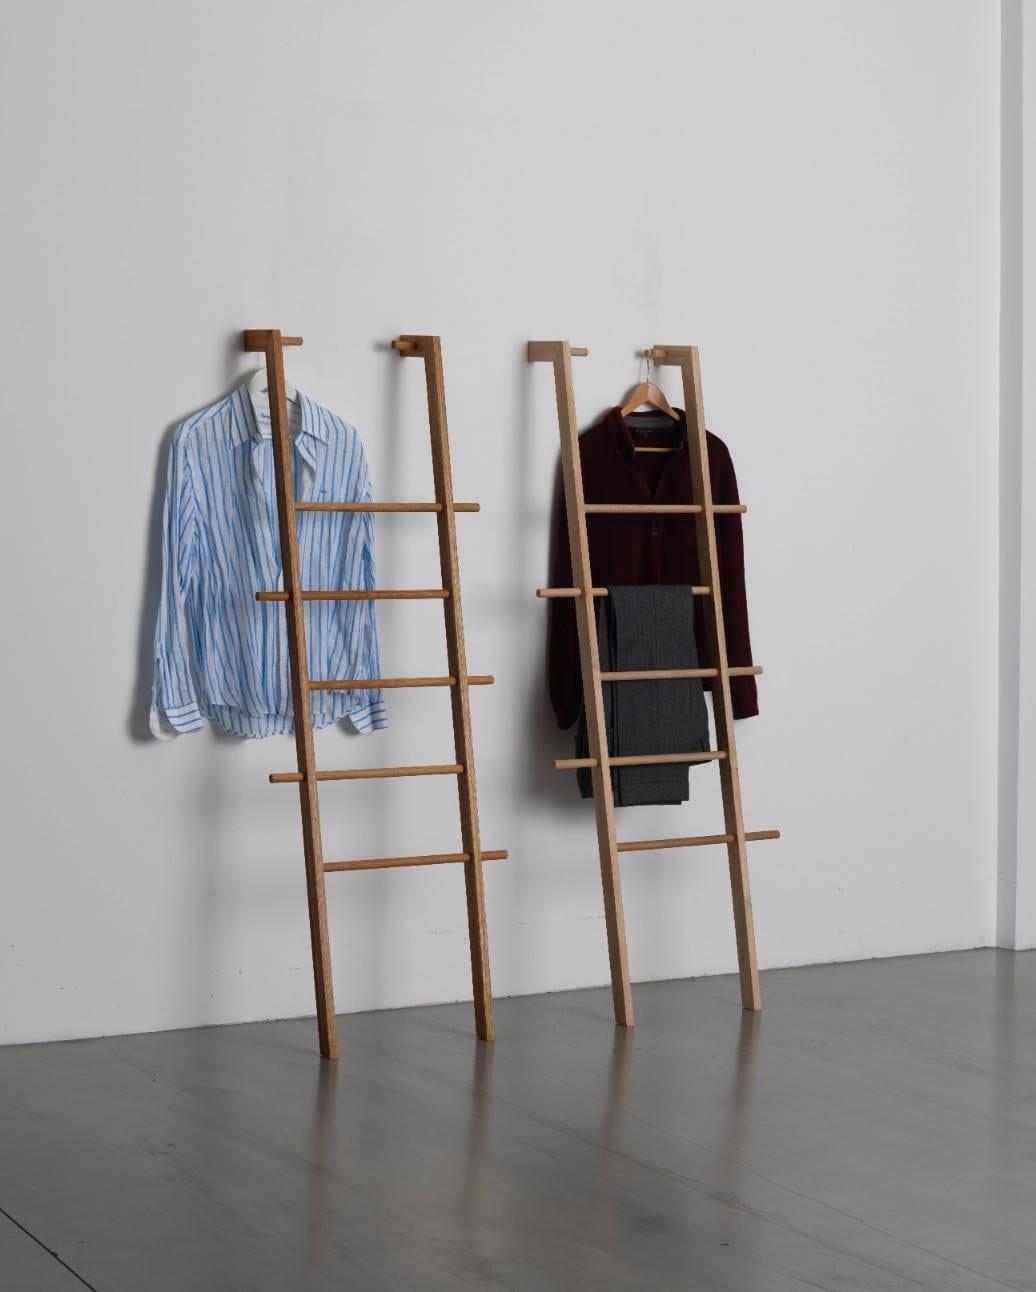 echelle de vêtements tb.3.2 kleiderleiter holzleiter | etsy